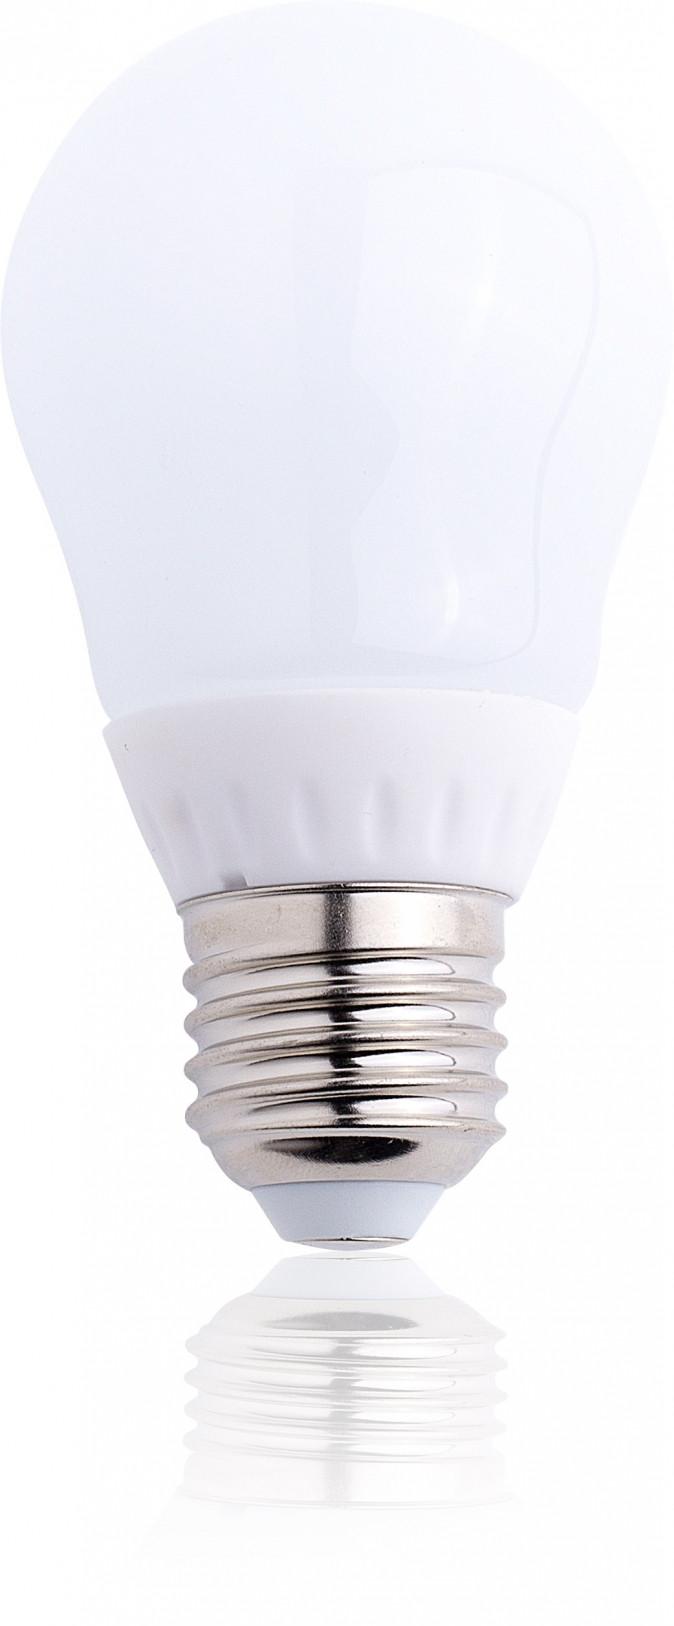 Tesla - BL270430-4 LED BULB, E27, 4W, 3000K